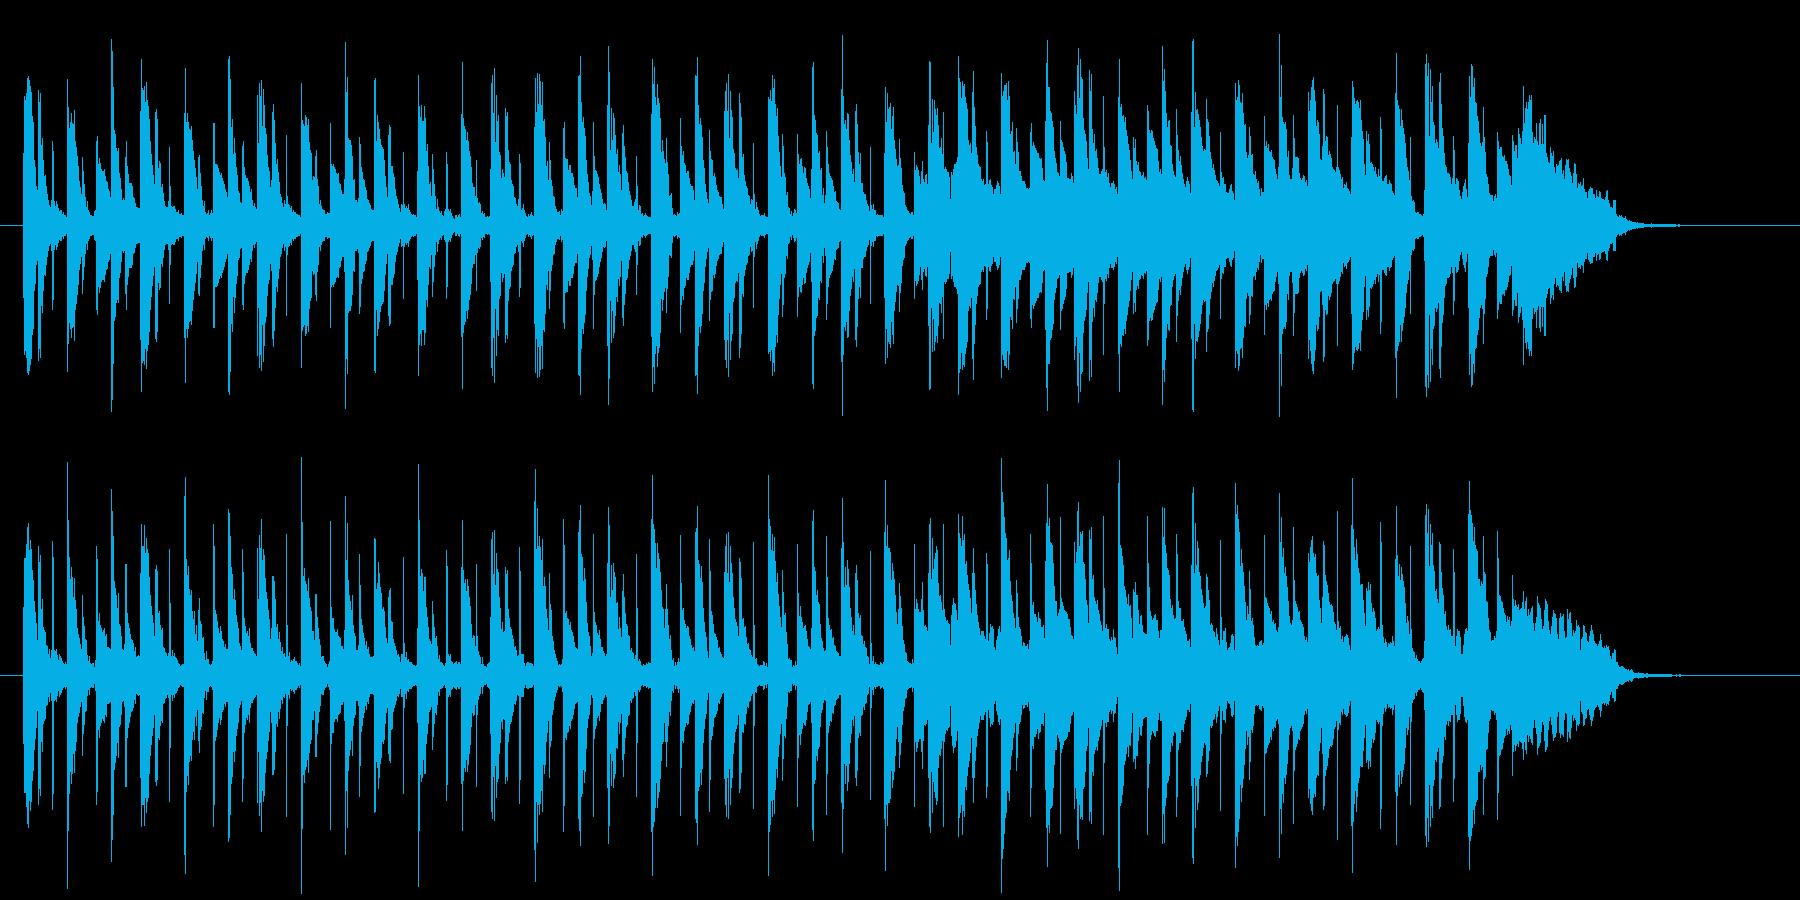 和やかでかわいらしい音楽の再生済みの波形